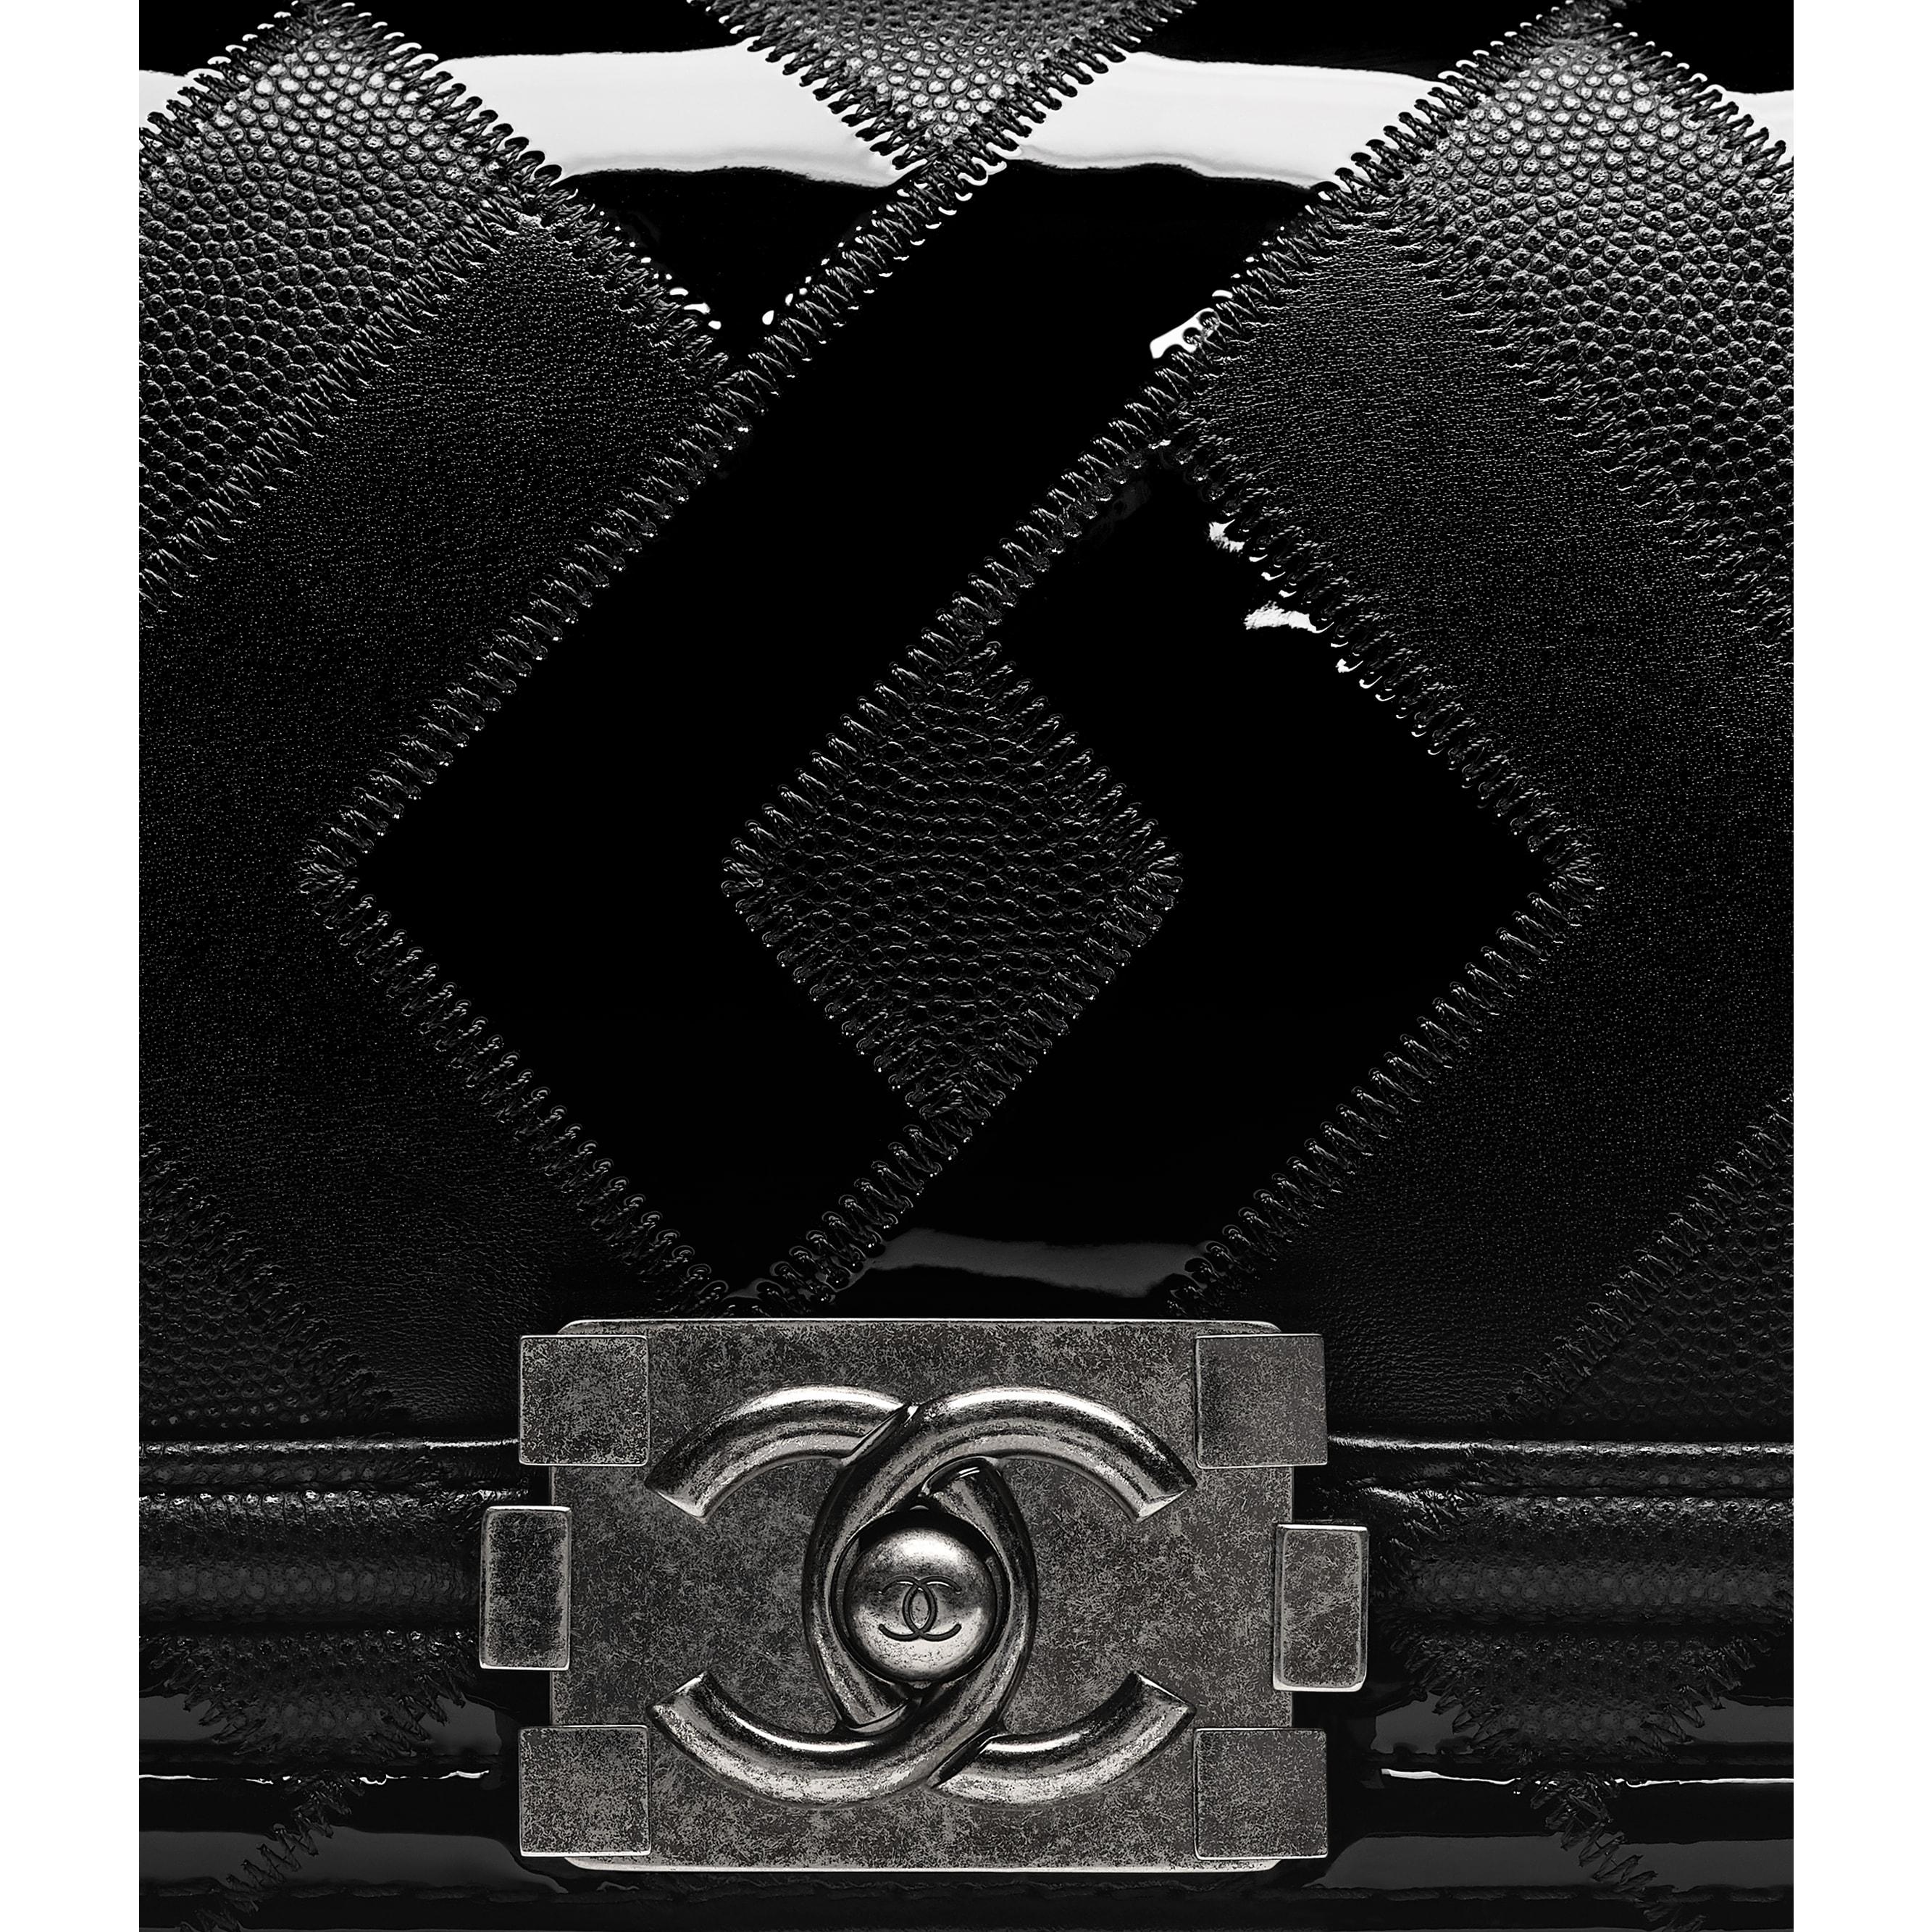 Mała torebka BOY CHANEL - Kolor czarny - Skóra cielęca, patentowa skóra cielęca, skóra cielęca o ziarnistej fakturze i metal z rutenowym wykończeniem      - Dodatkowy widok – zobacz w standardowym rozmiarze